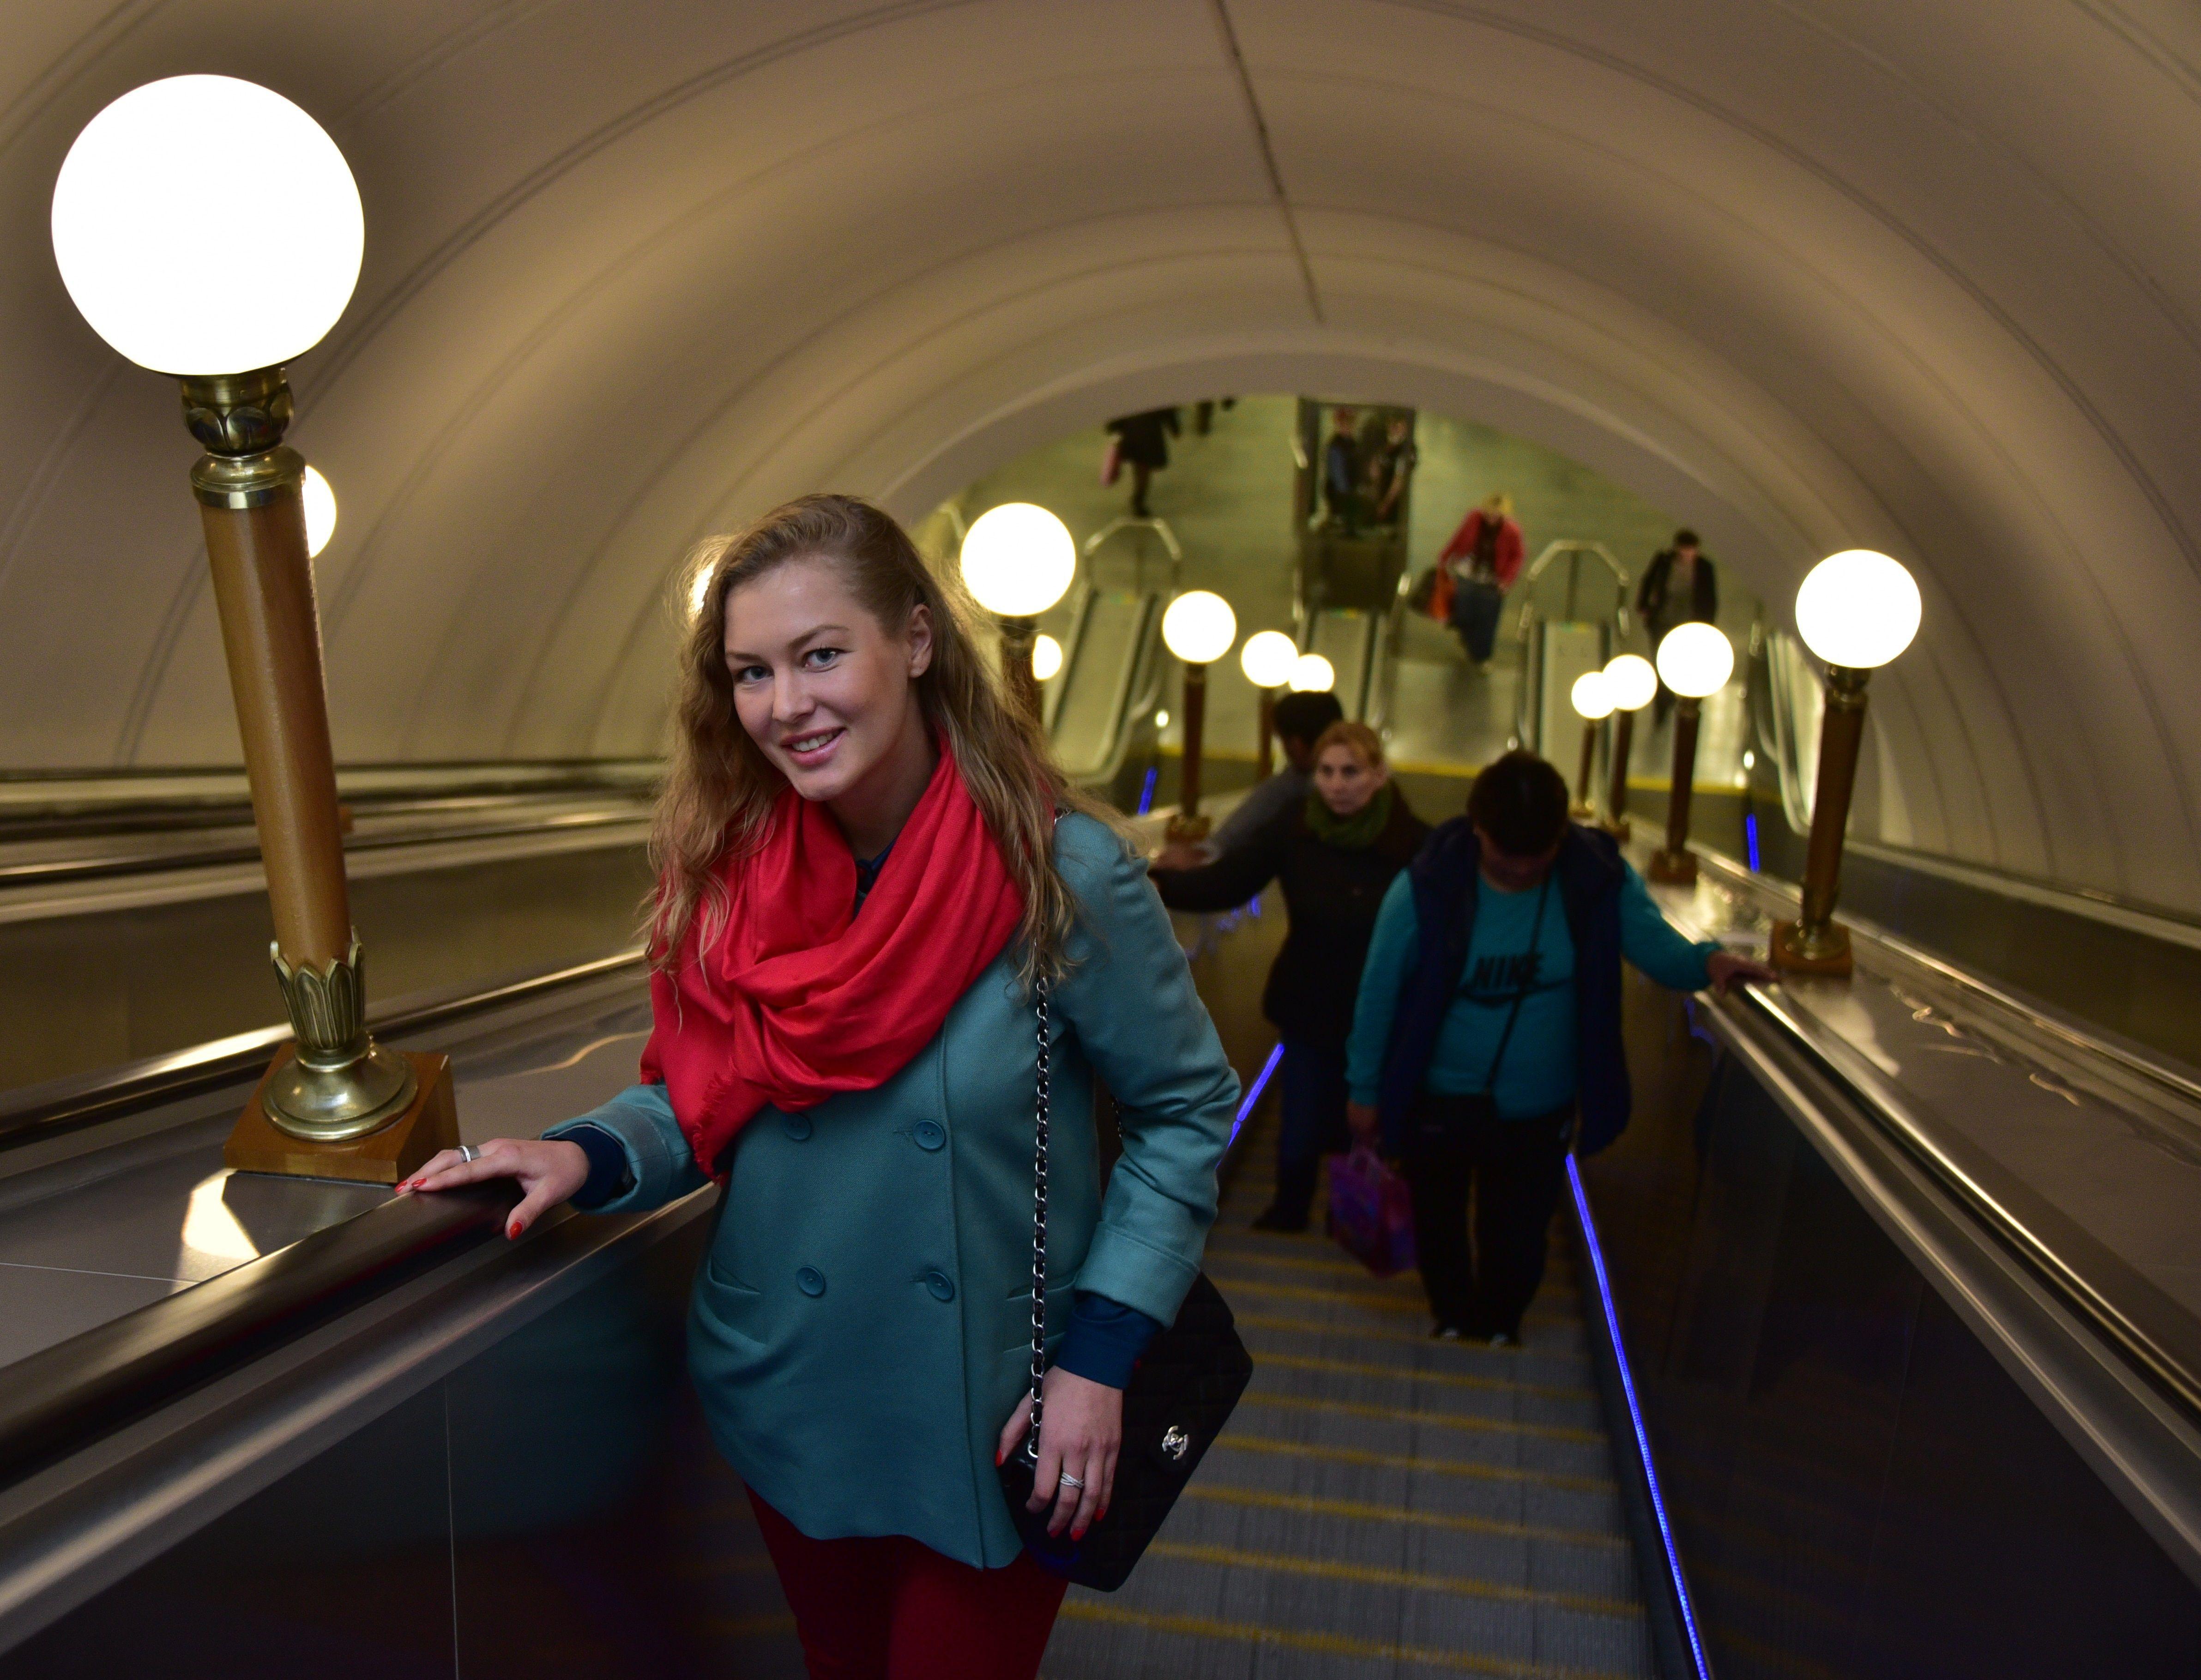 Москвичам дали рекомендации по экономии времени в метро